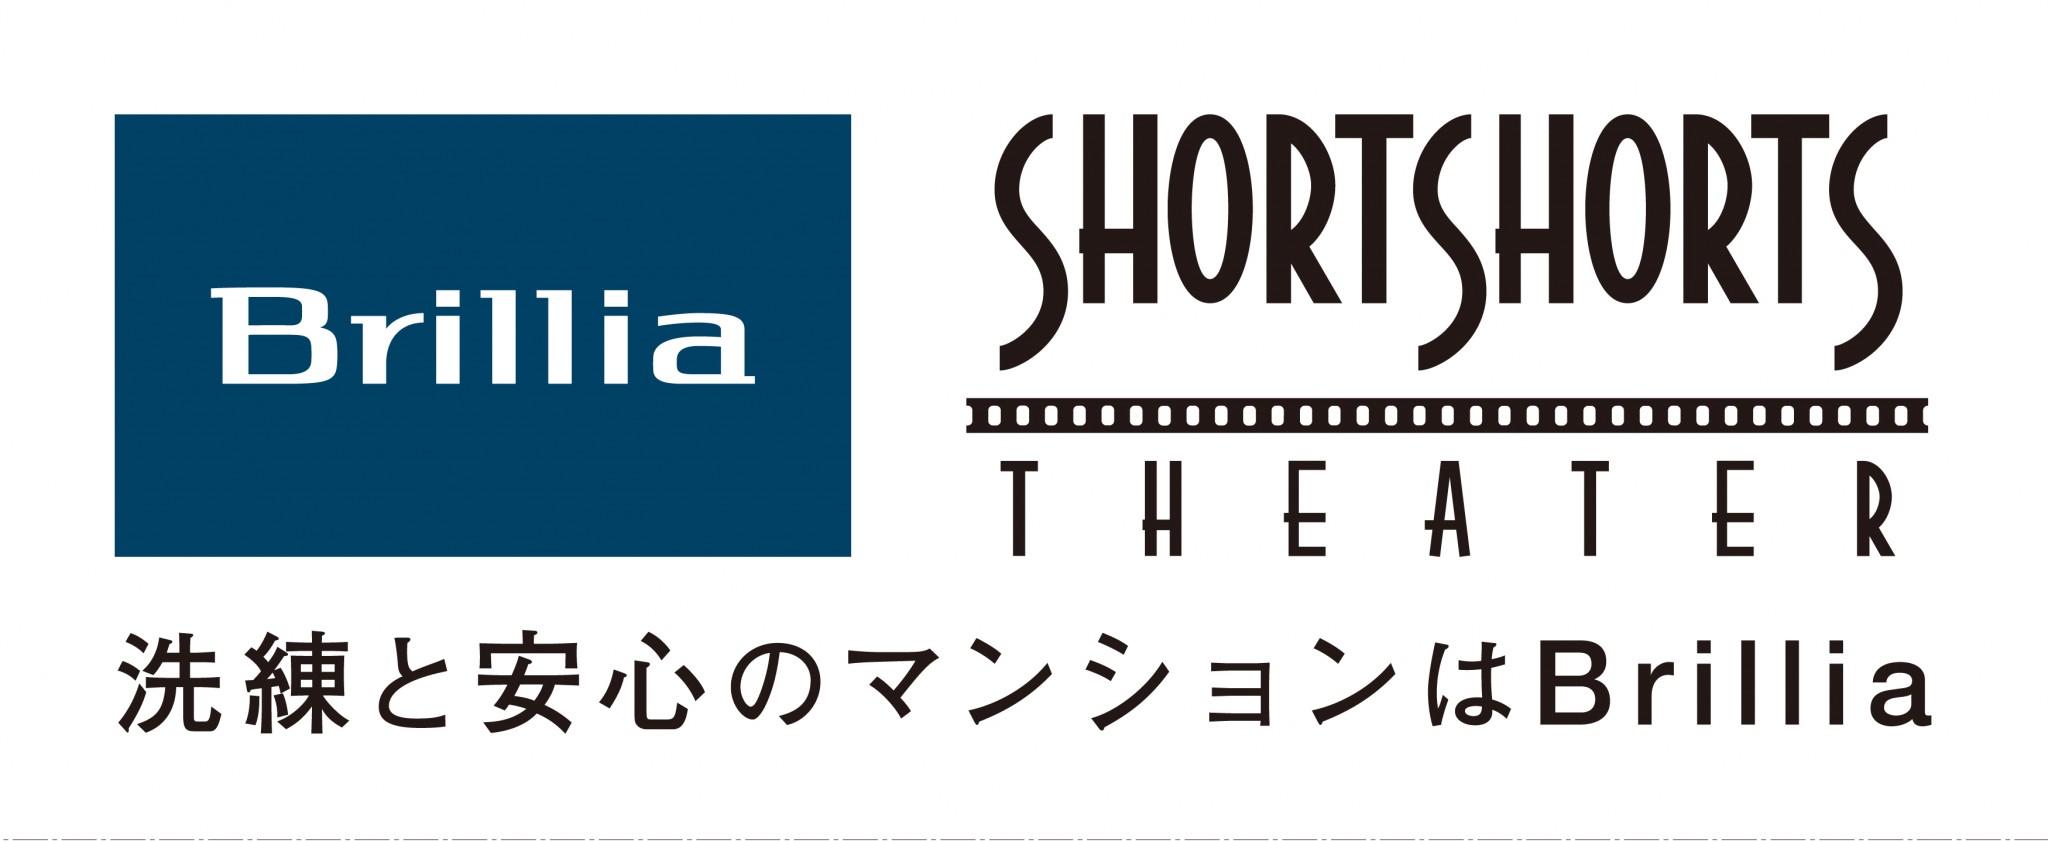 【申込受付中】ブリリア ショートショート シアター10 years his